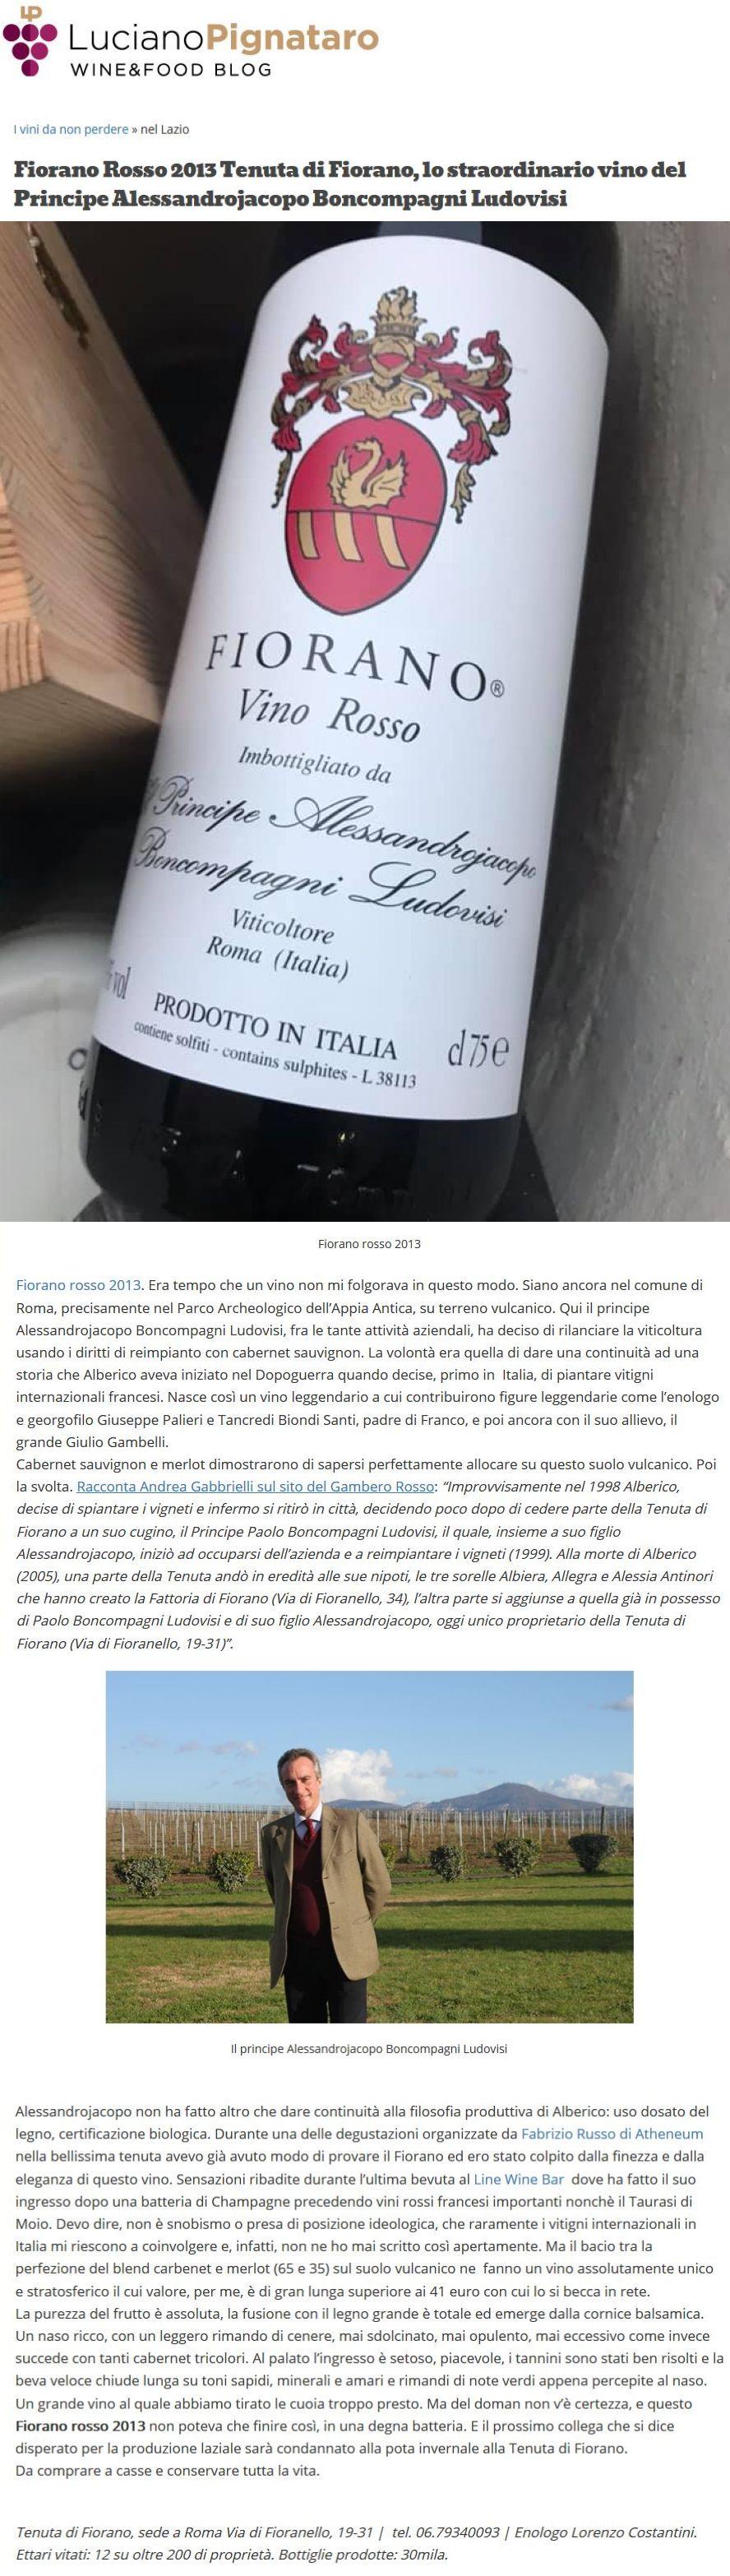 Fiorano Rosso 2013 Tenuta di Fiorano, lo straordinario vino del Principe Alessandrojacopo Boncompagni Ludovisi